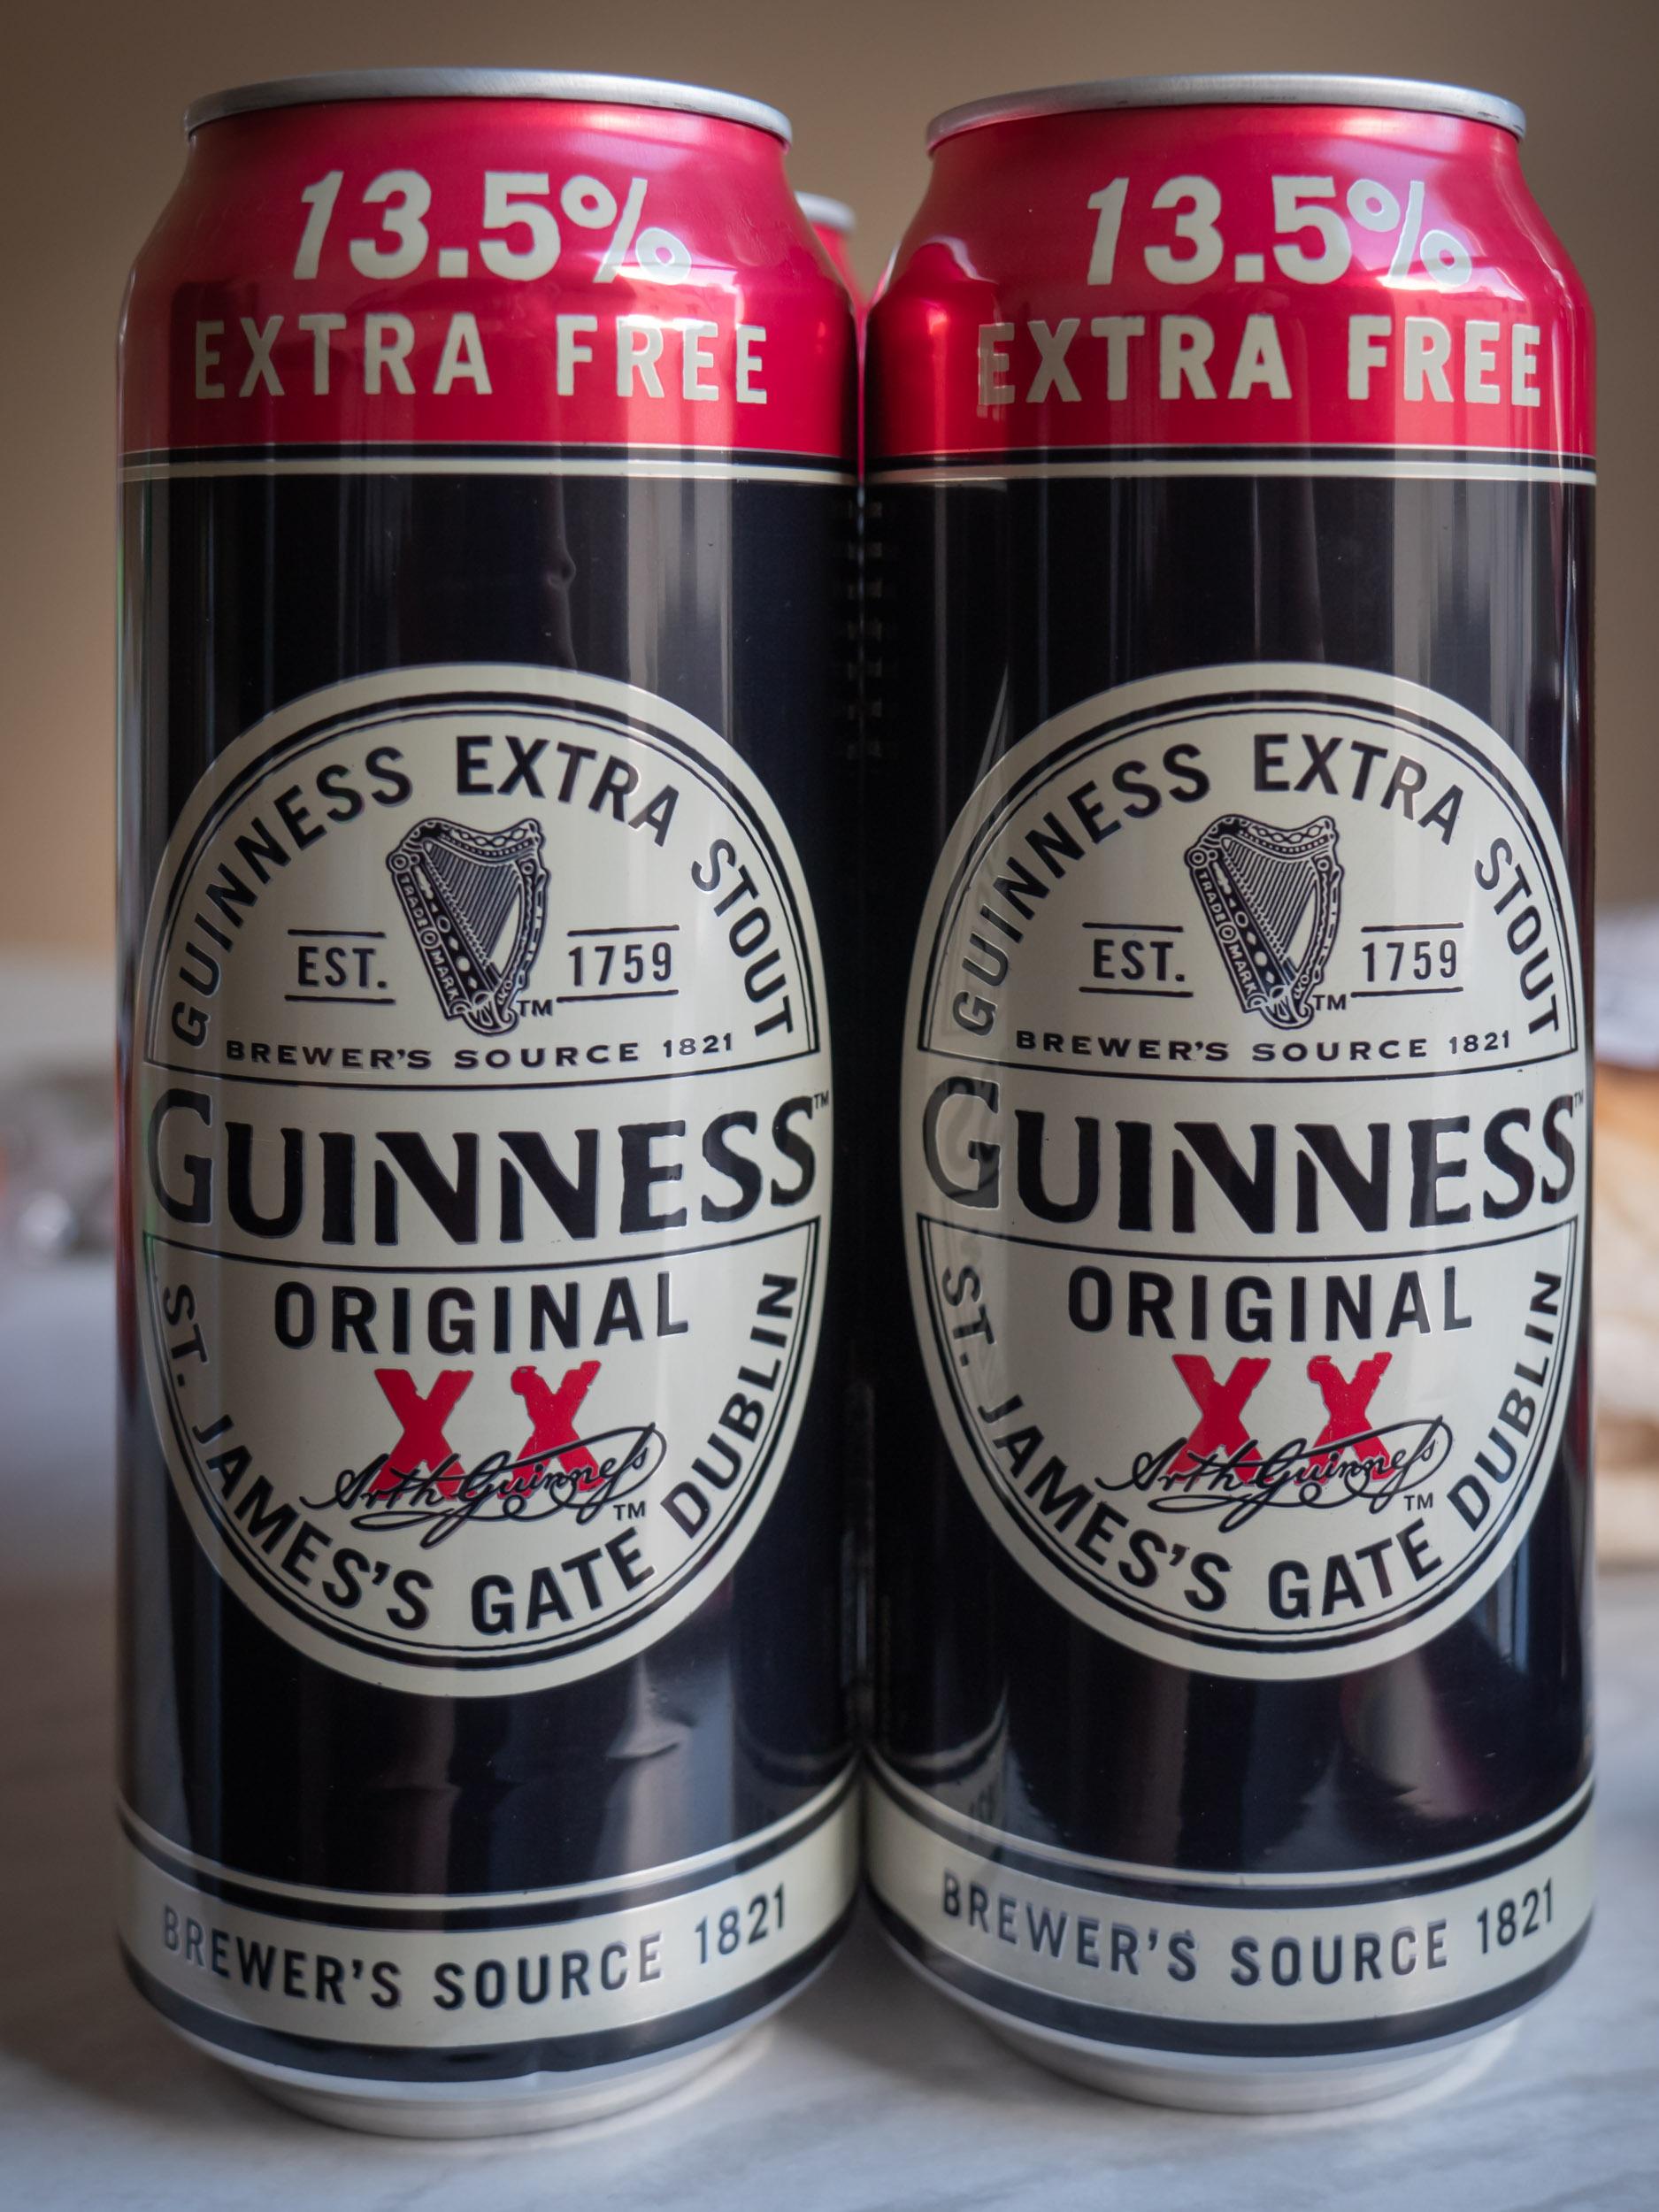 Shopriteで買ったギネスビール500ml4缶パック5£(約750円)税込 DMC-GX8 + LEICA DG 12-60mm